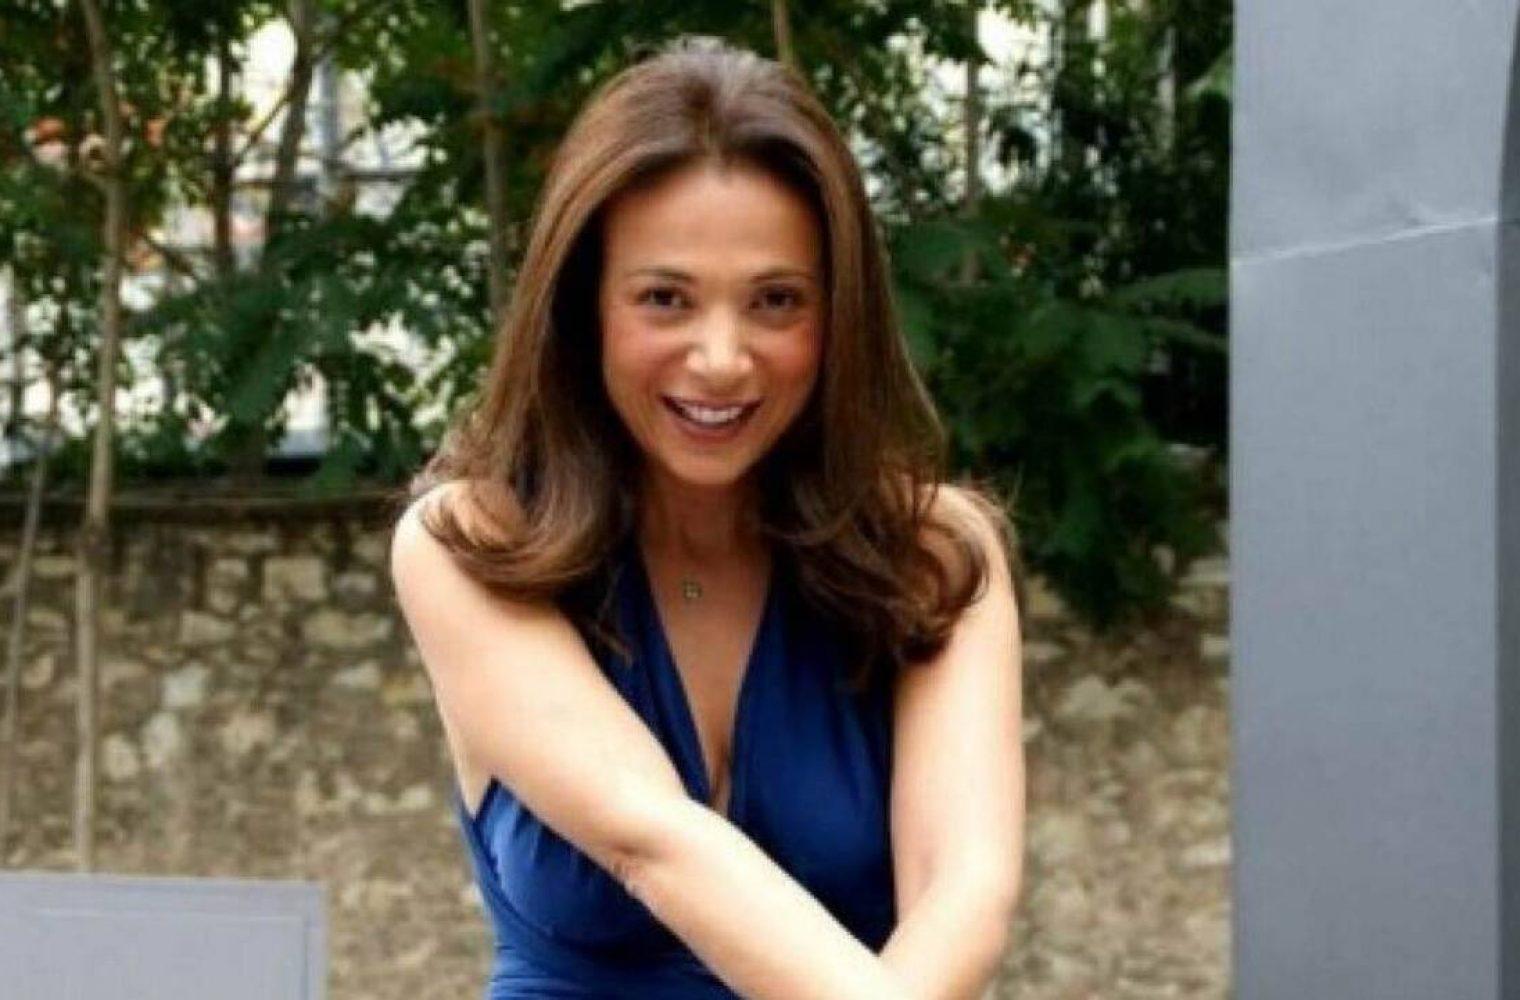 Χριστίνα Αλεξανιάν: Έκοψε τα μακριά μαλλιά κοντά!